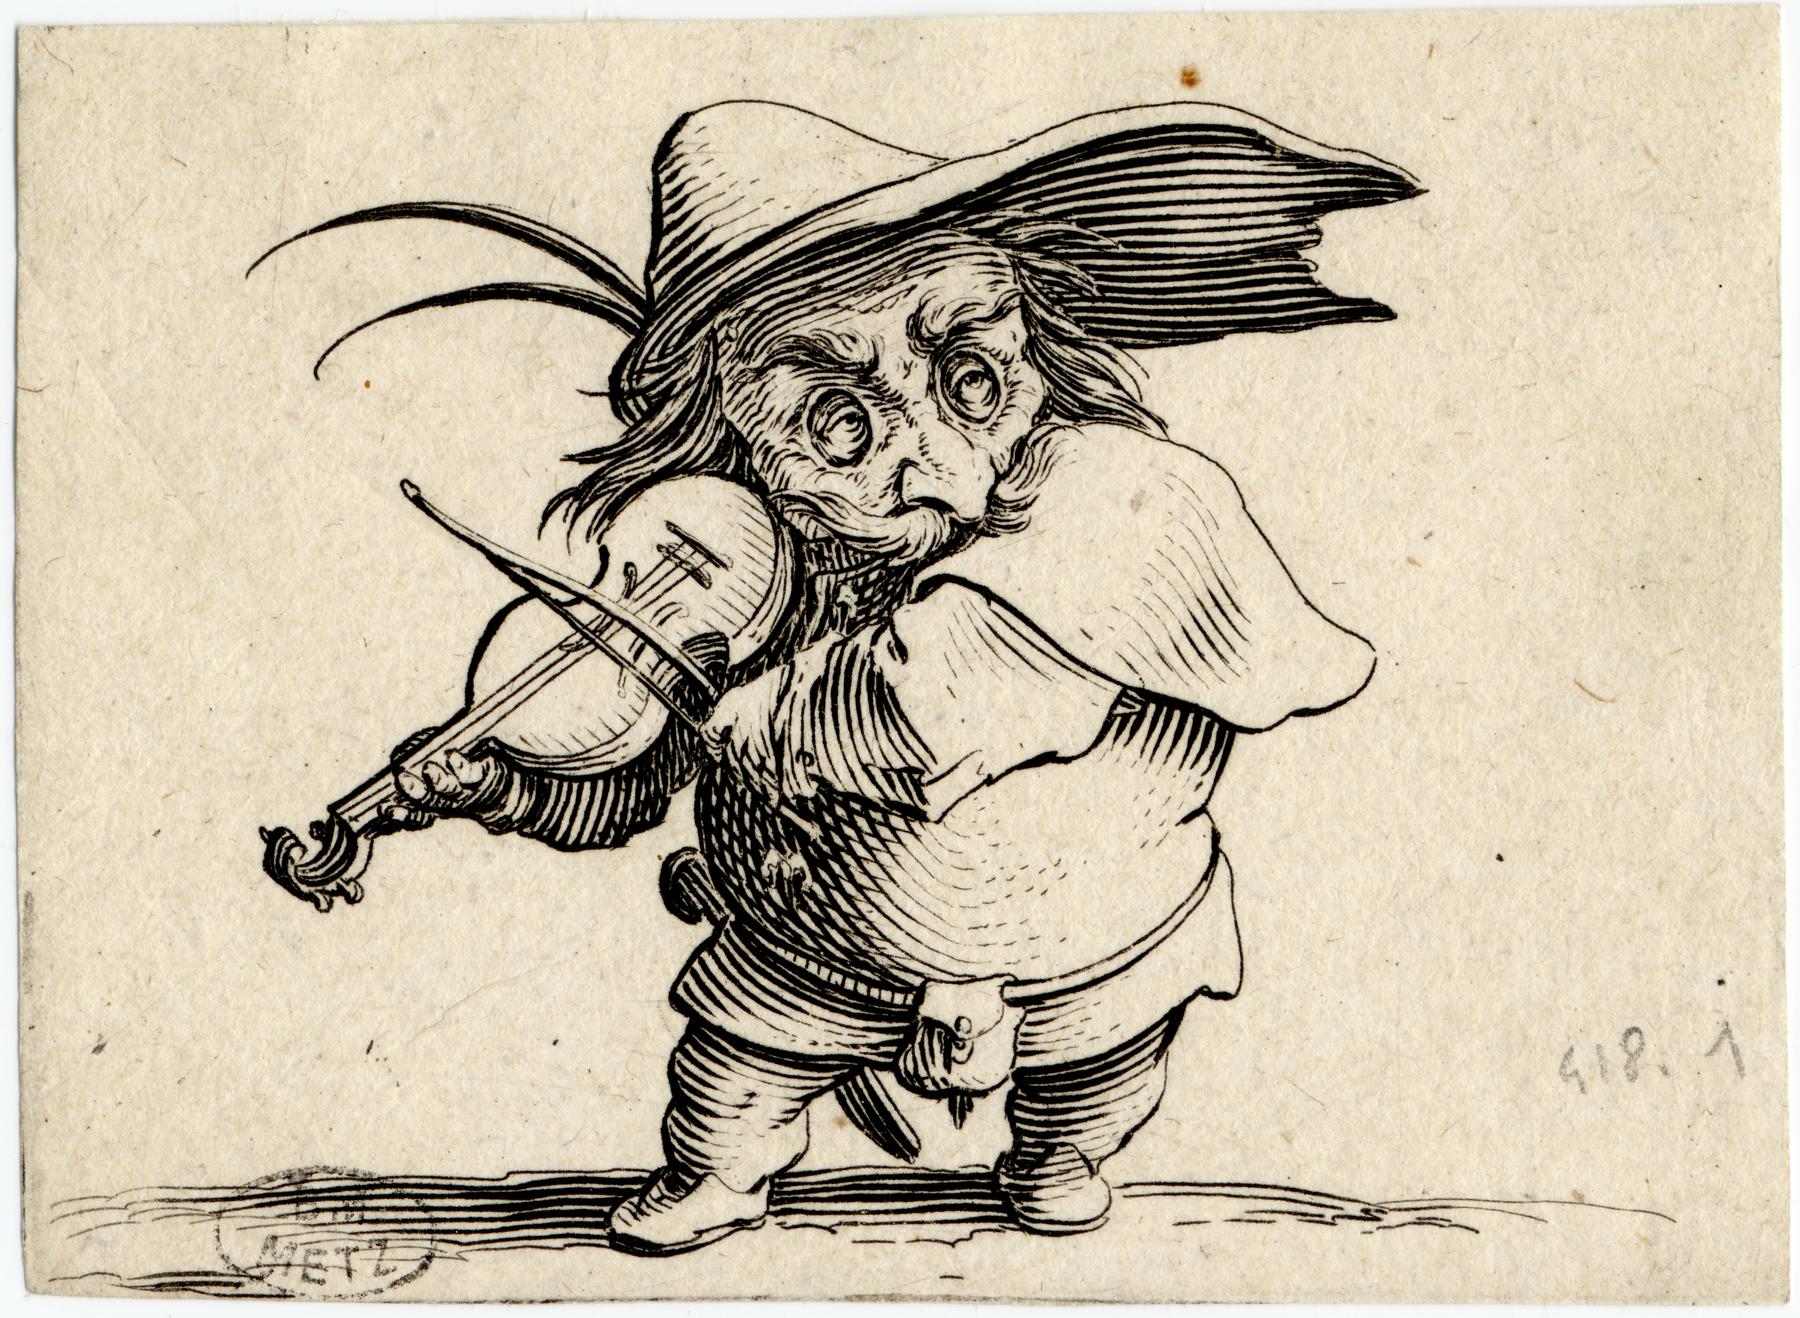 Contenu du Les Gobbi: Le joueur de violon